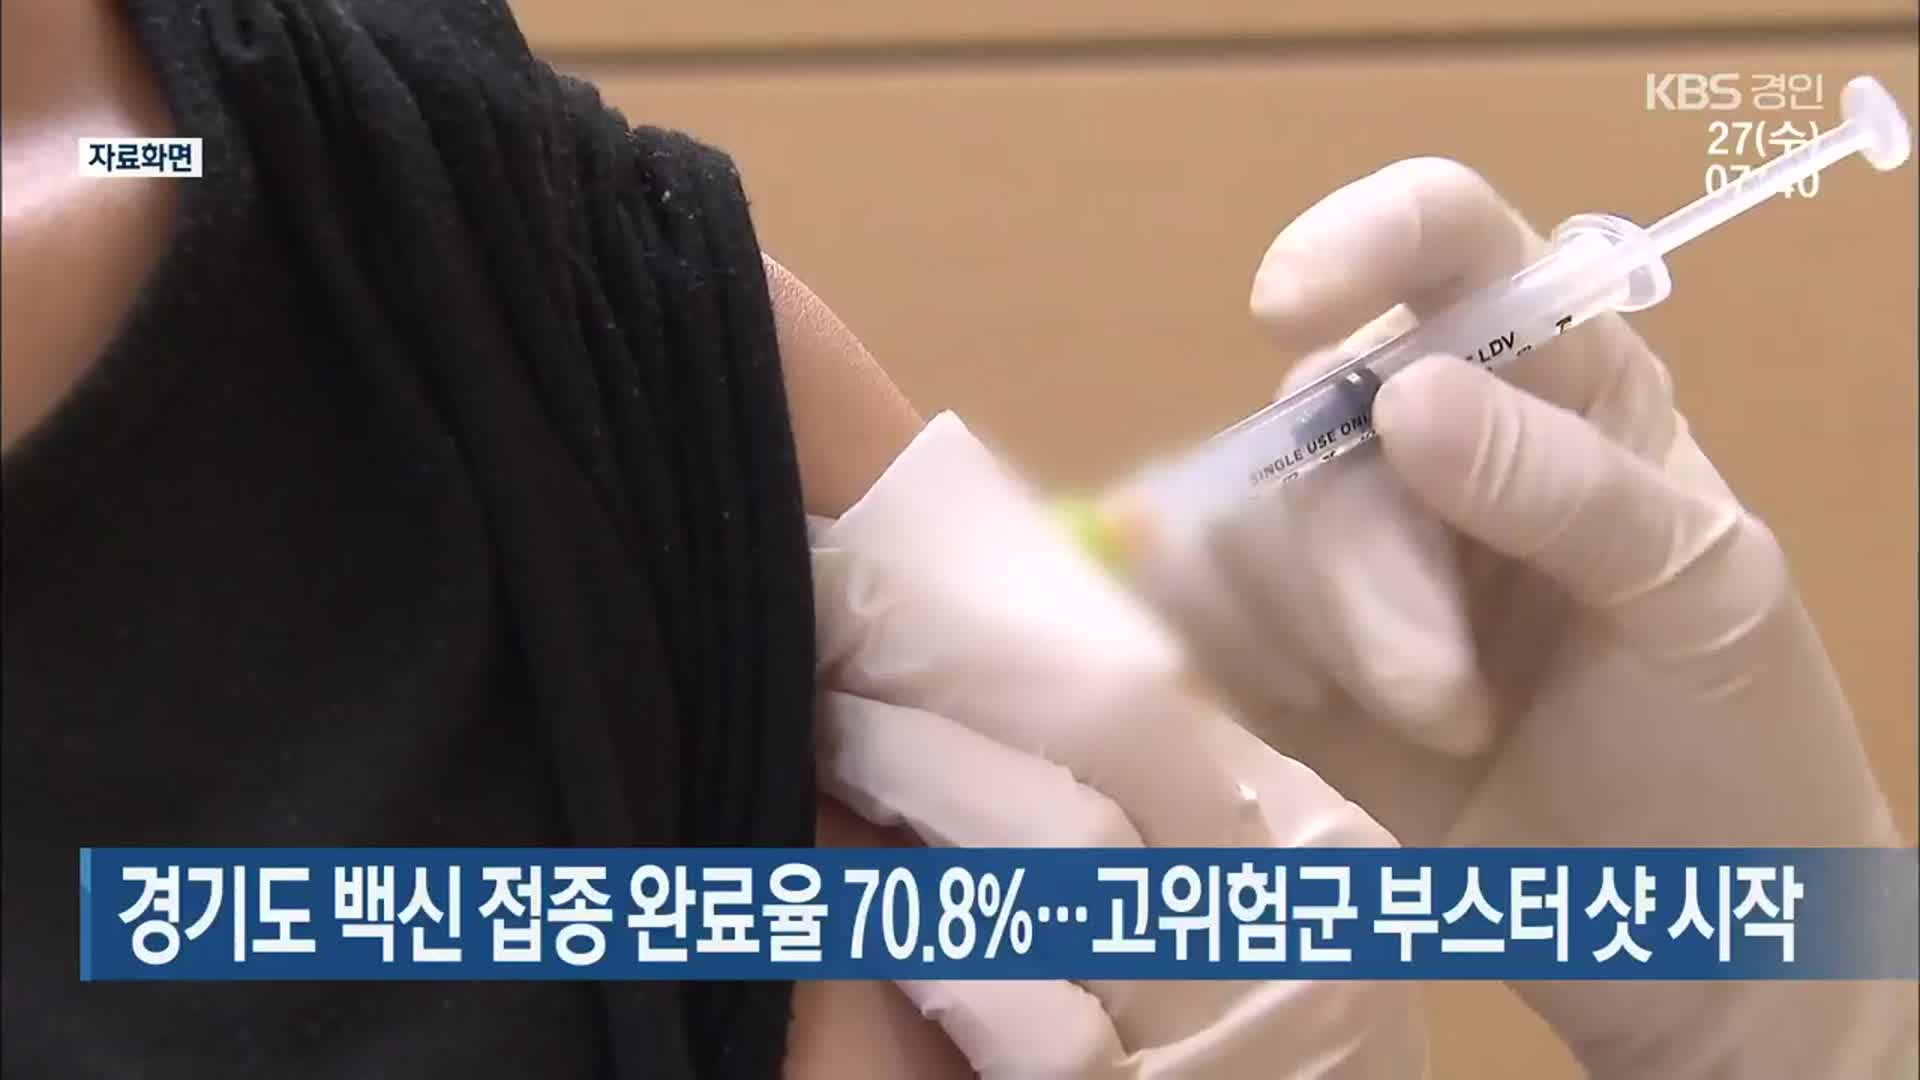 경기도 백신 접종 완료율 70.8%…고위험군 부스터 샷 시작